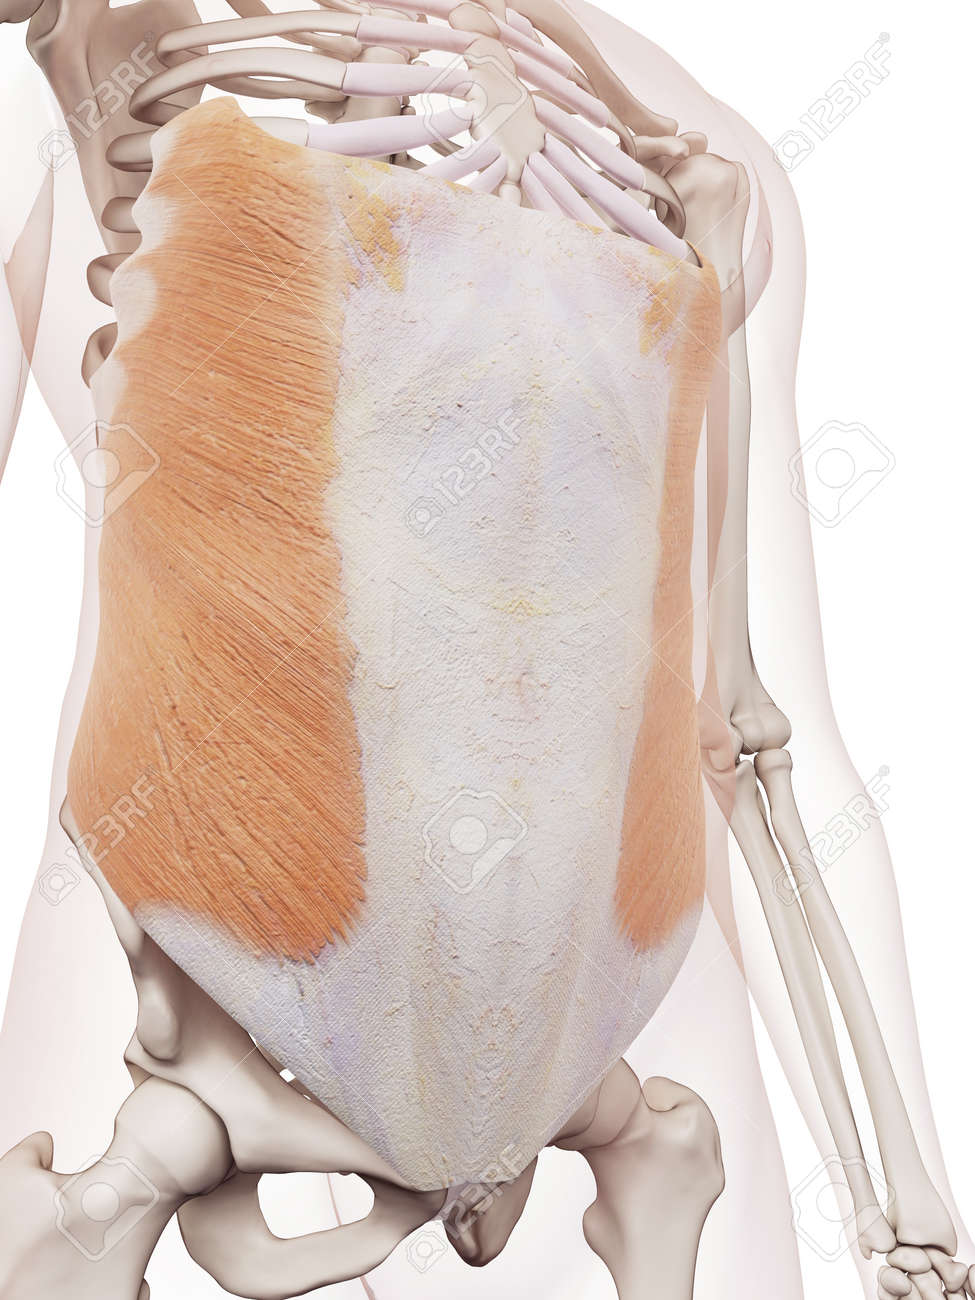 Medizinisch Genaue Muskel Darstellung Der äußeren Schrägen ...